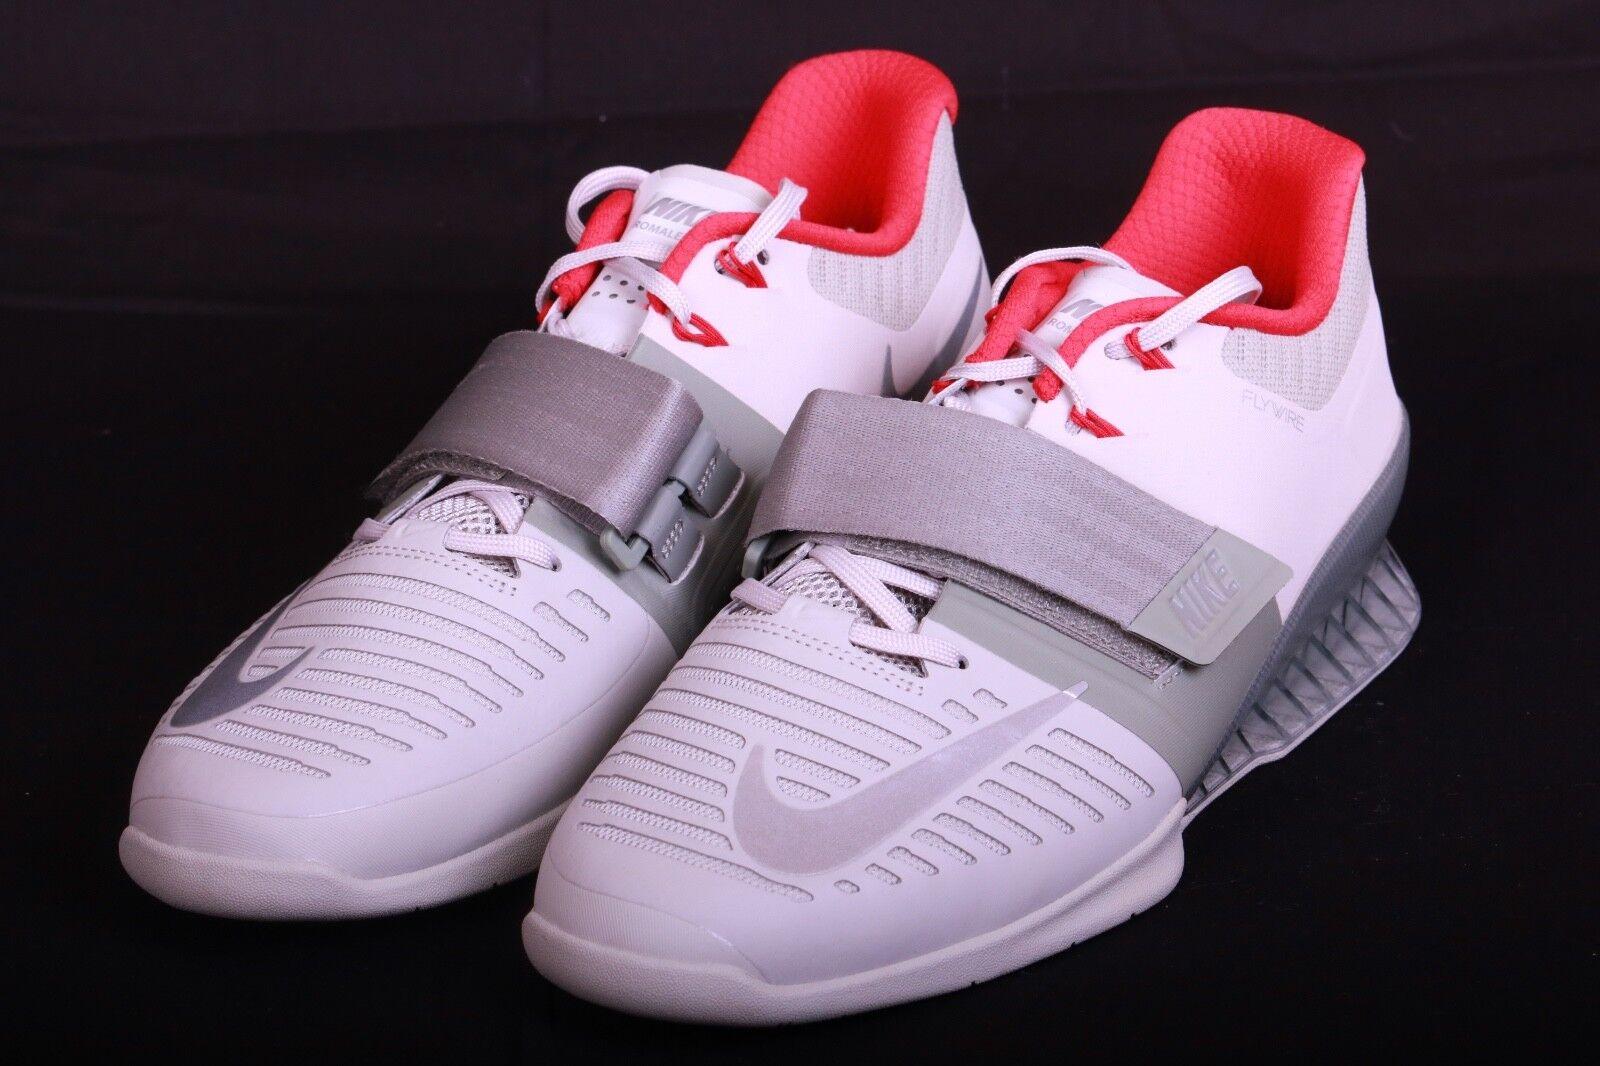 Nike Men's Romaleos 3 Dark Stucco Metallic Silver 852933 003 Size 14